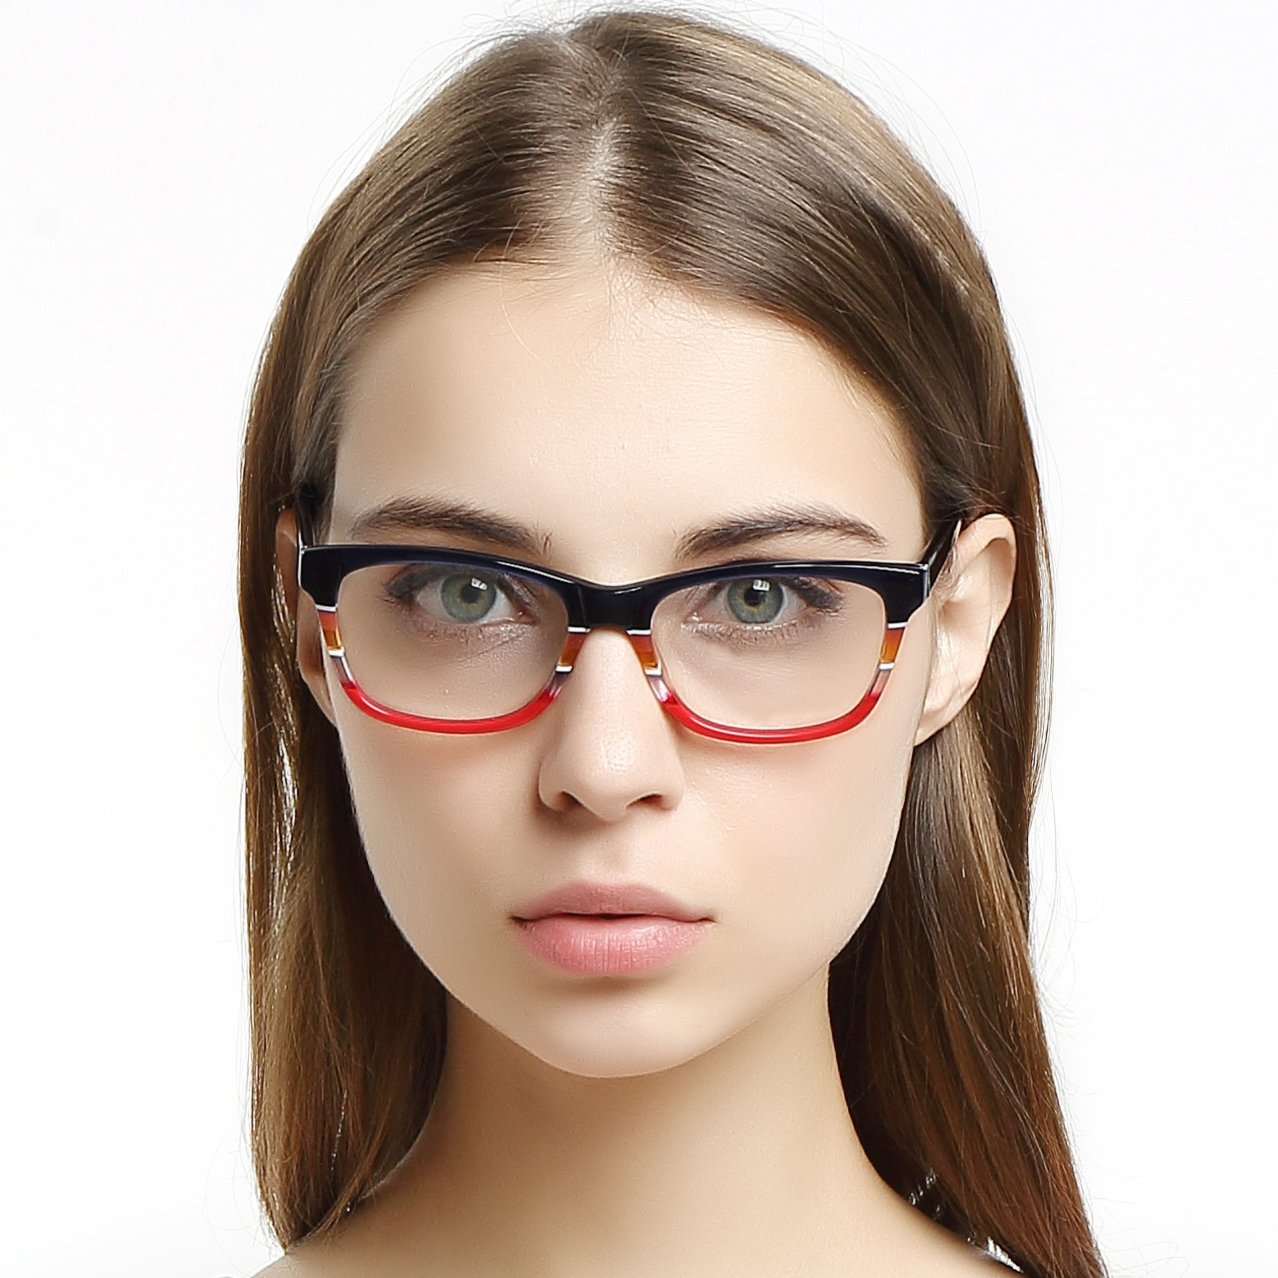 OCCI CHIARI Montatura per occhiali in plastica alla moda con cerniere a molla per le donne